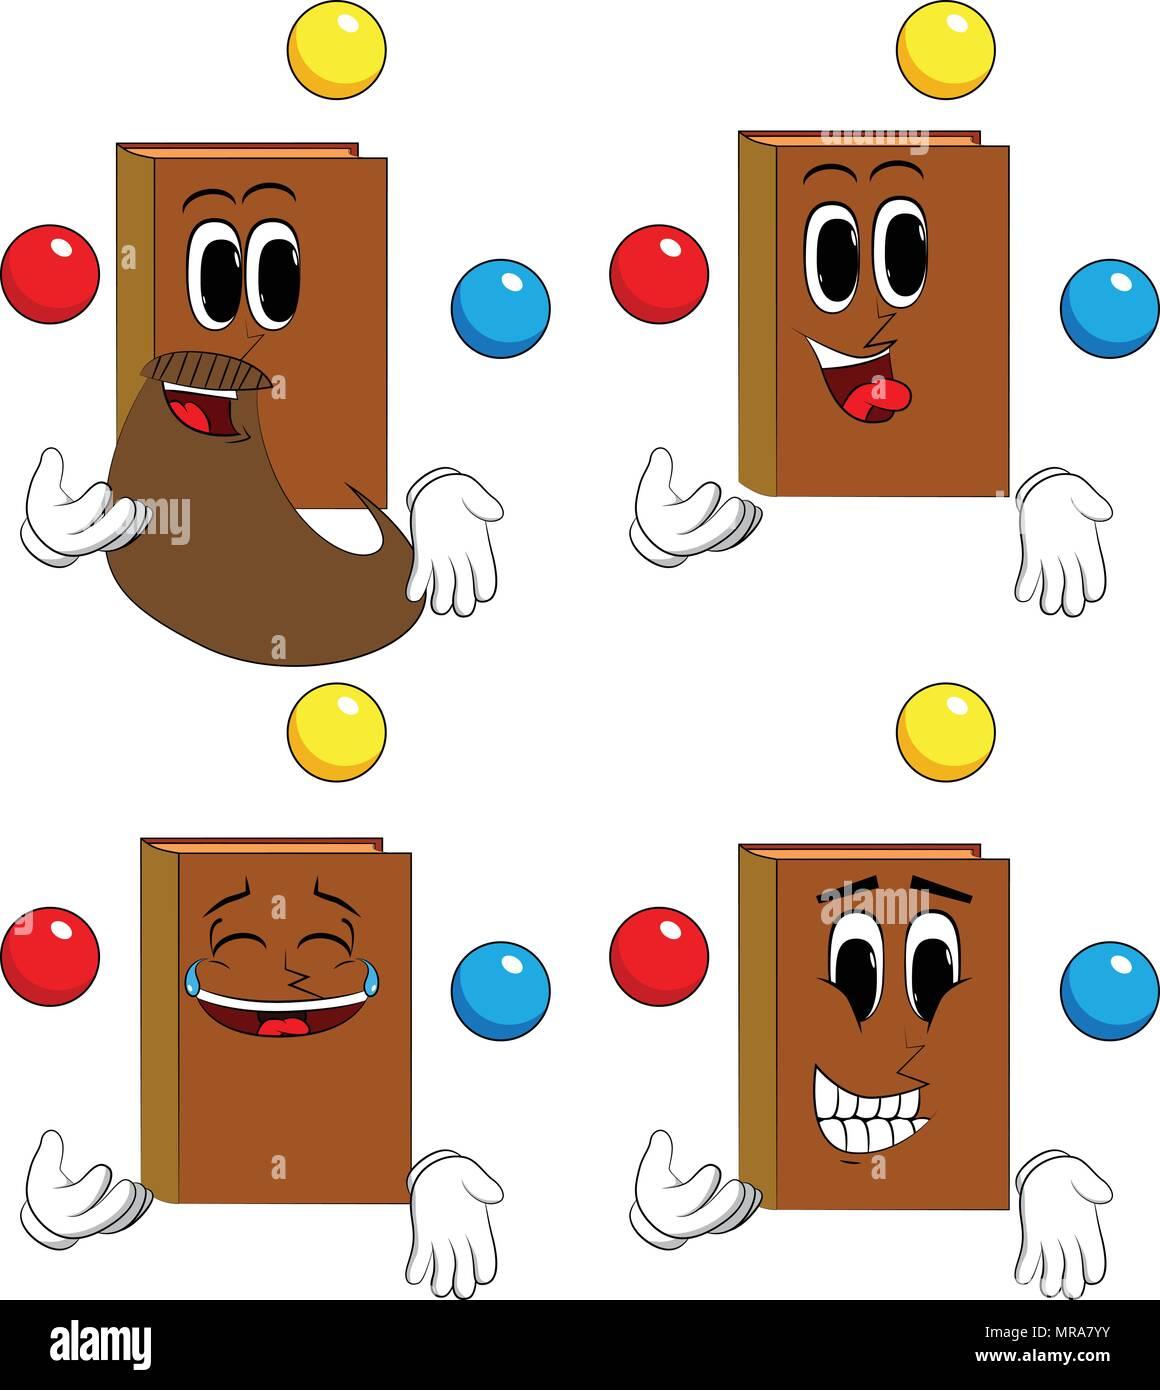 Libros malabarista. Colección de libros de dibujos animados con caras  felices. Vector de expresiones 39bcbfb285e3